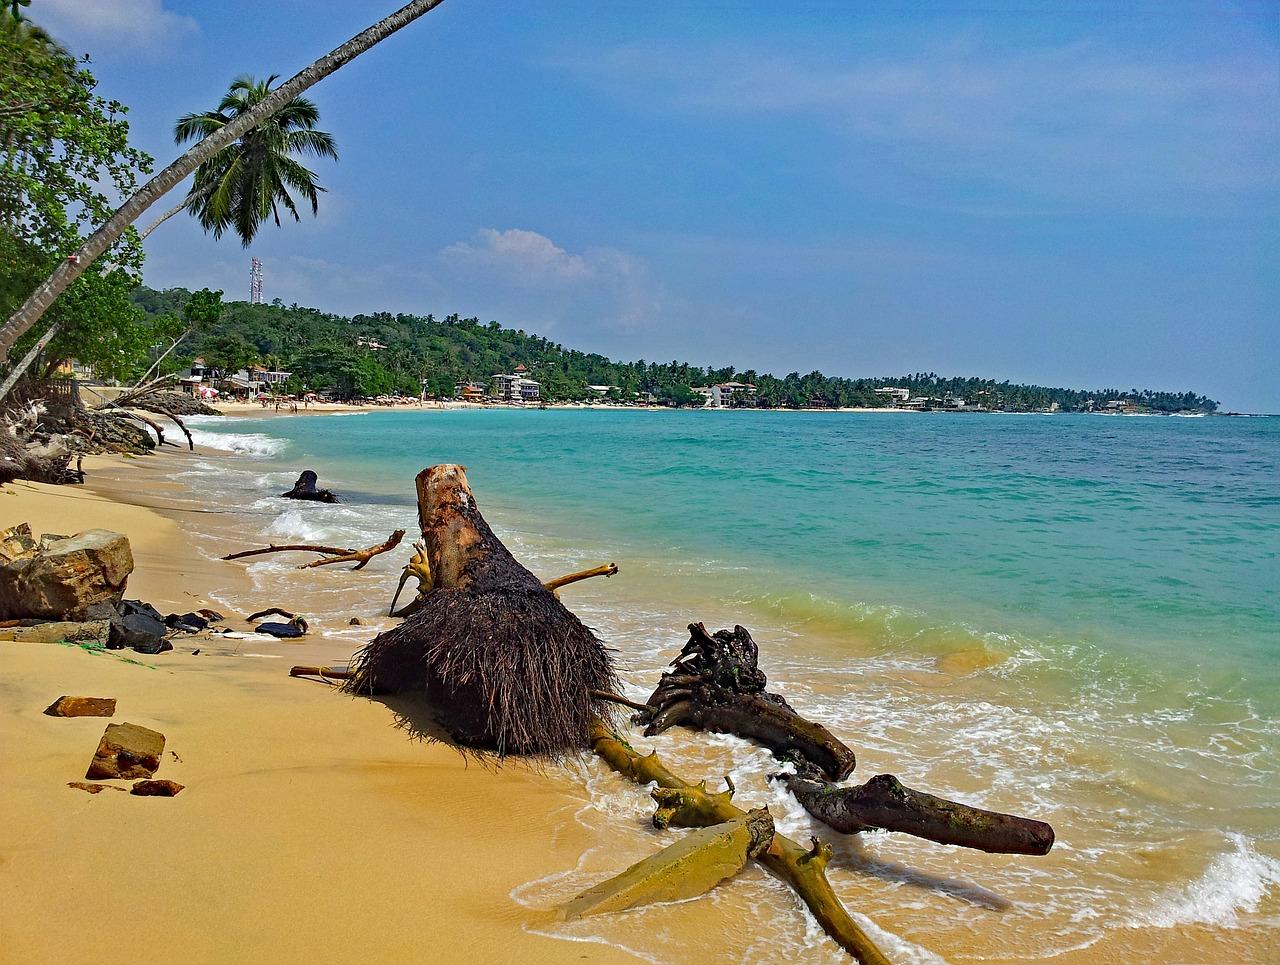 أجمل شواطئ سريلانكا وأكثرها جاذبية وسحراً